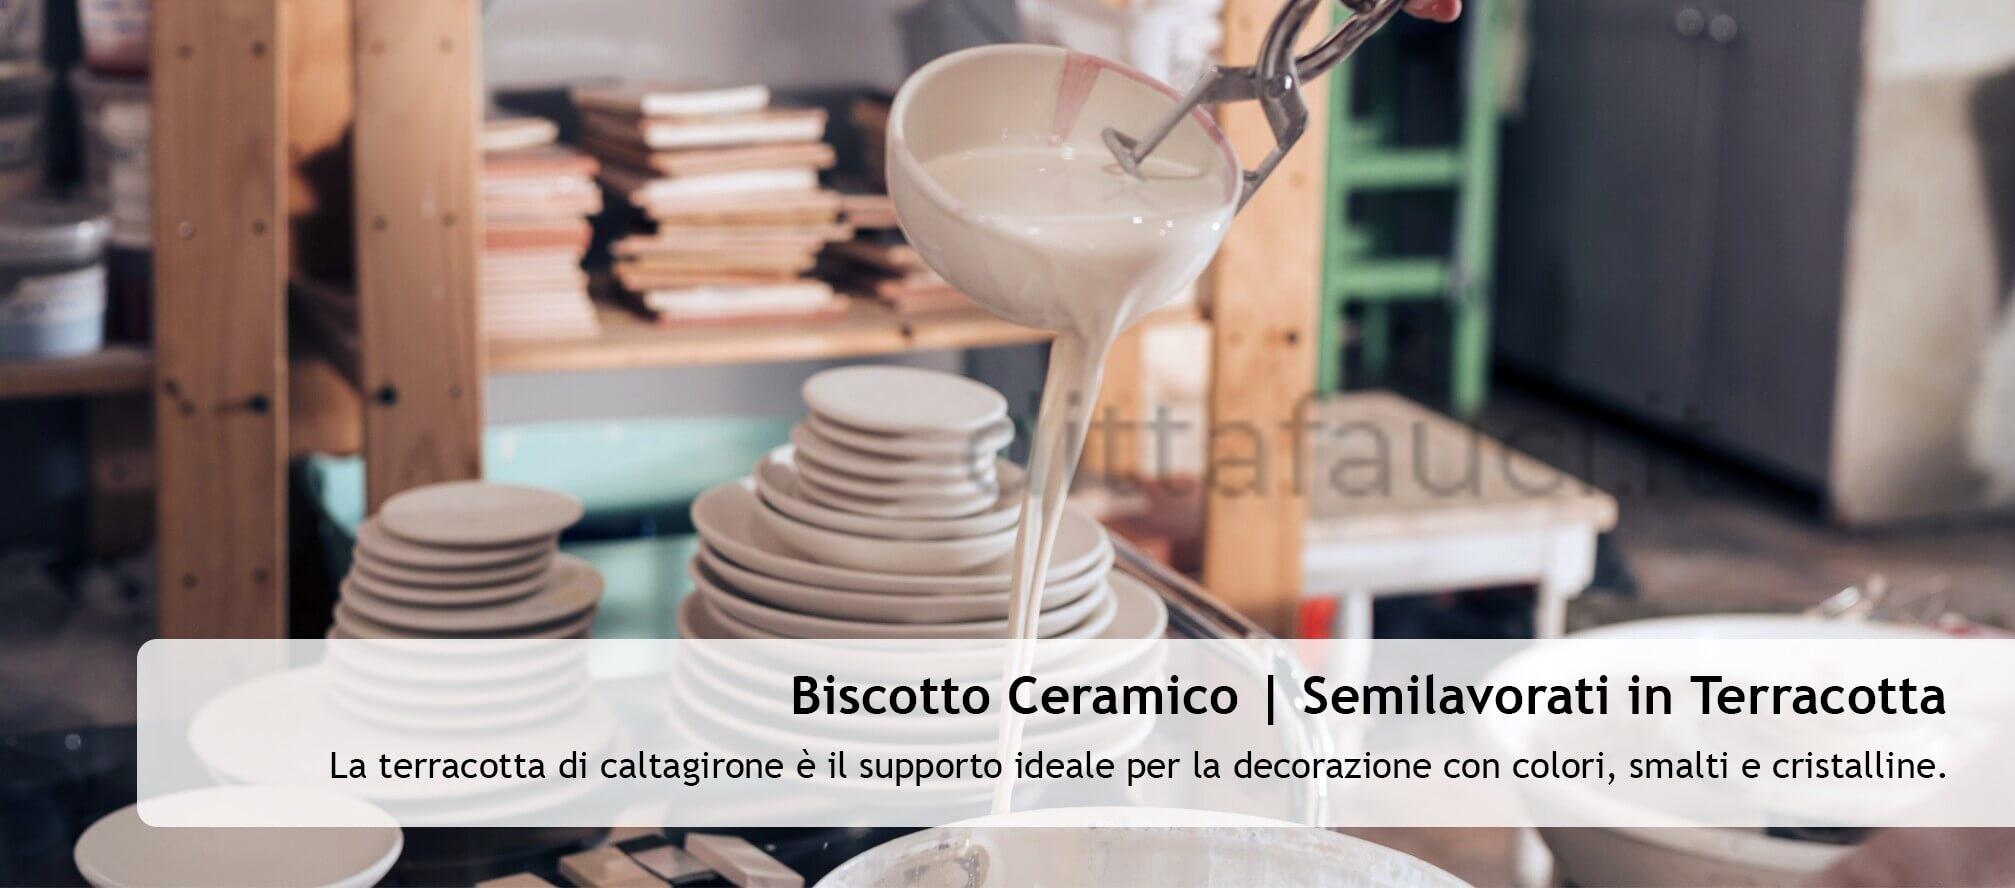 Biscotto Ceramico   Semilavorati in Terracotta